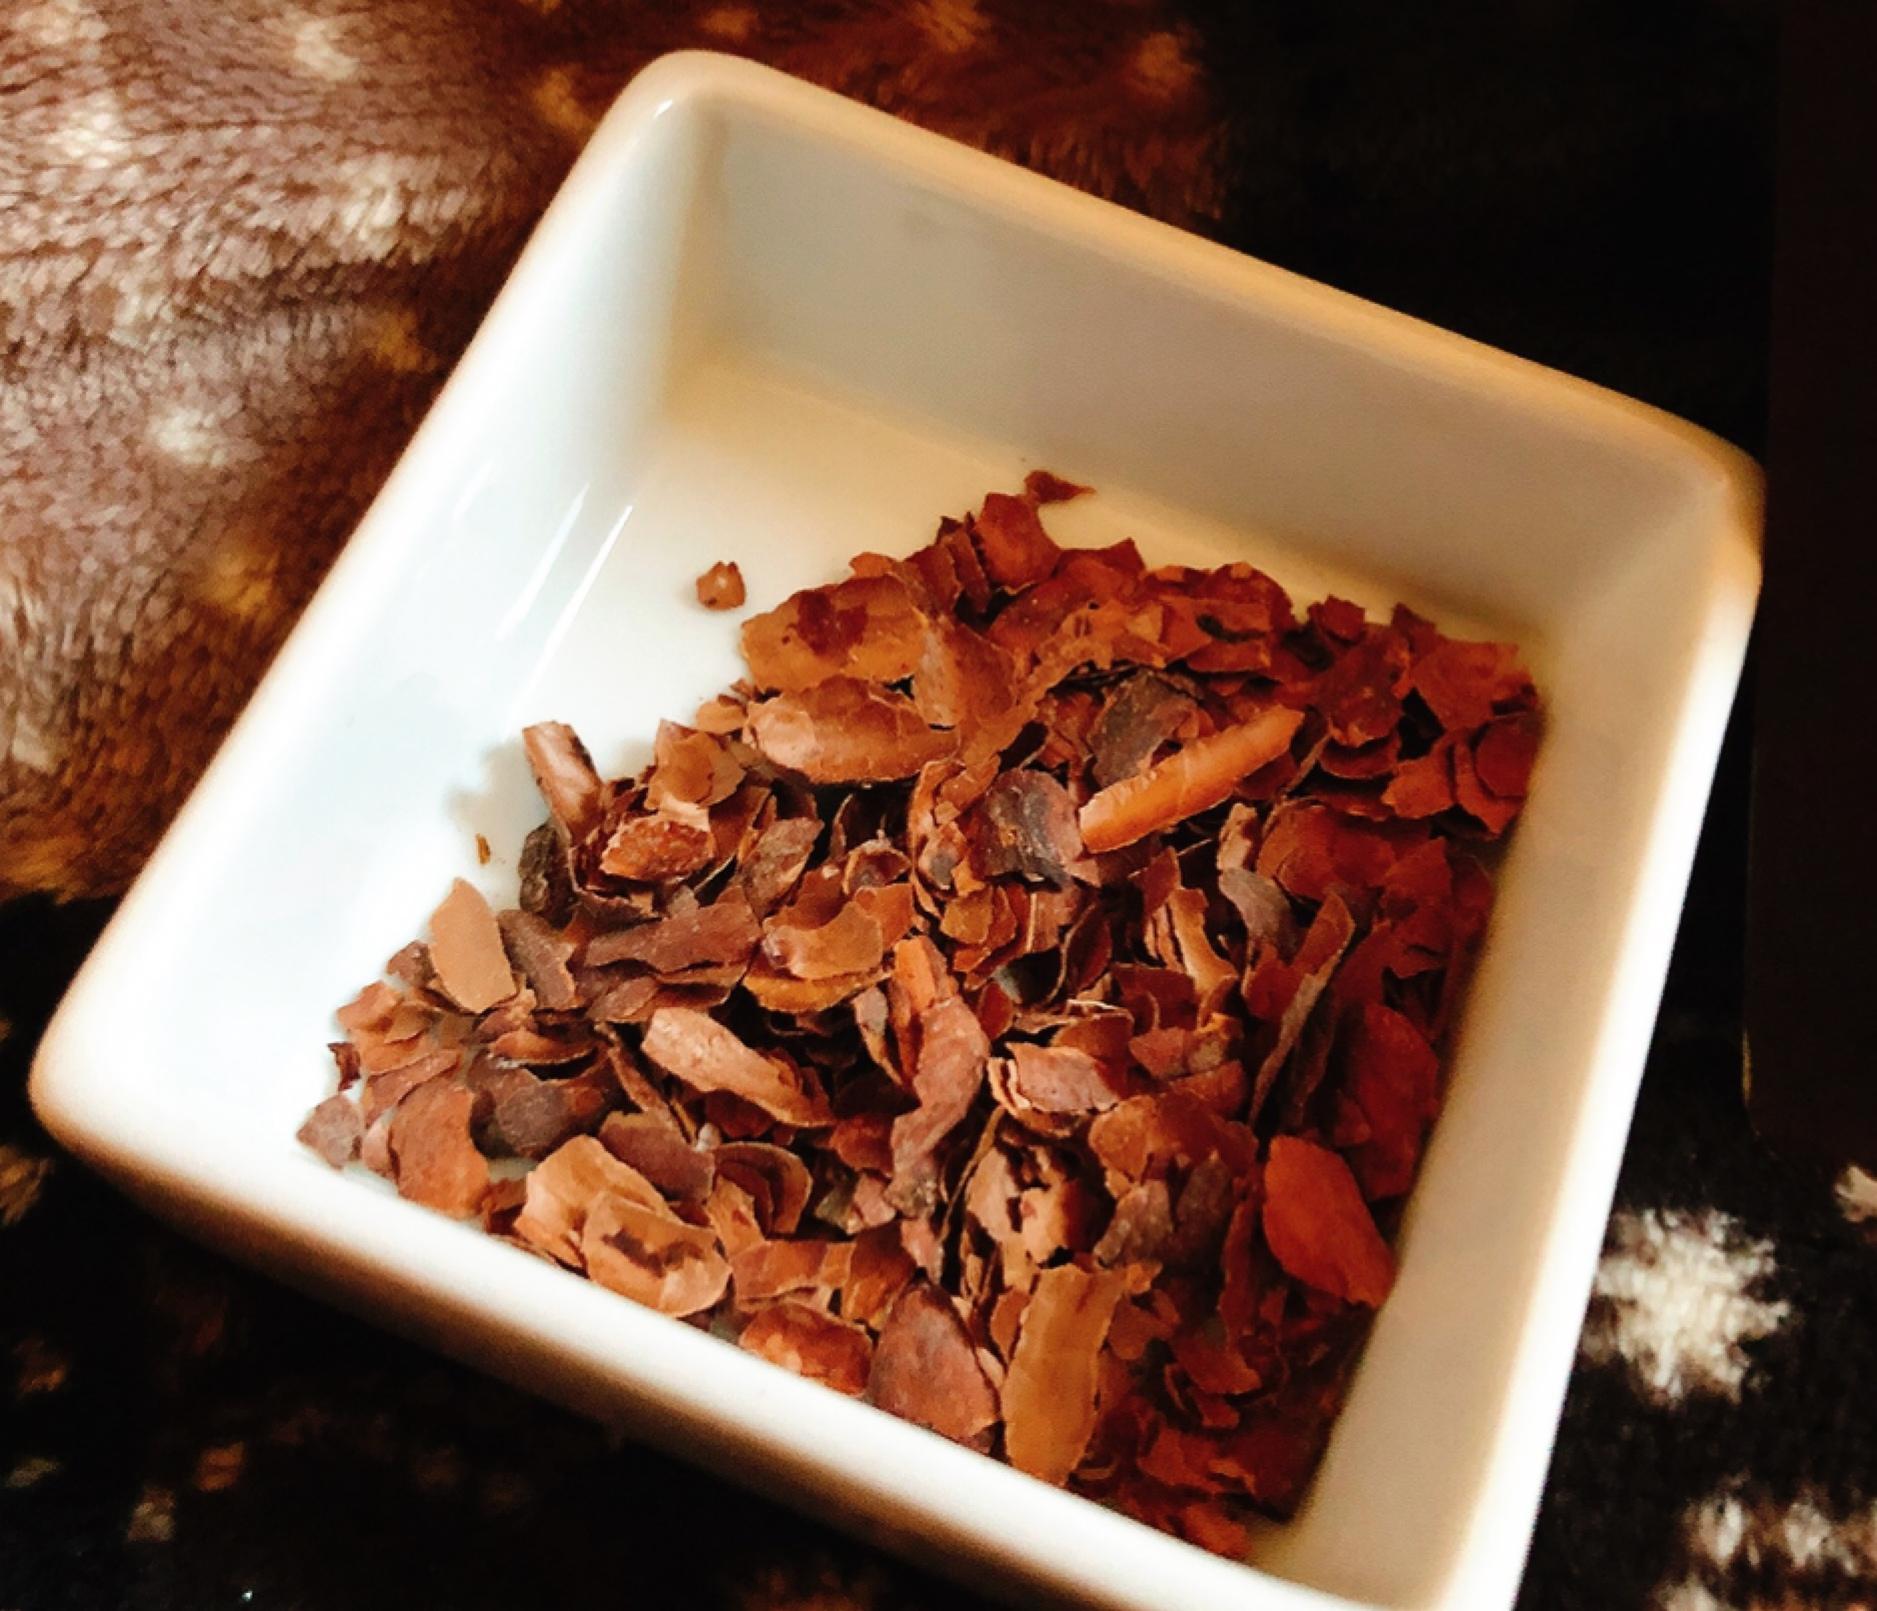 【#ハワイお取寄せ】チョコの芳醇な香りで幸せ気分♡低カフェインでリラックス効果抜群のナチュラルチョコレートティー_5